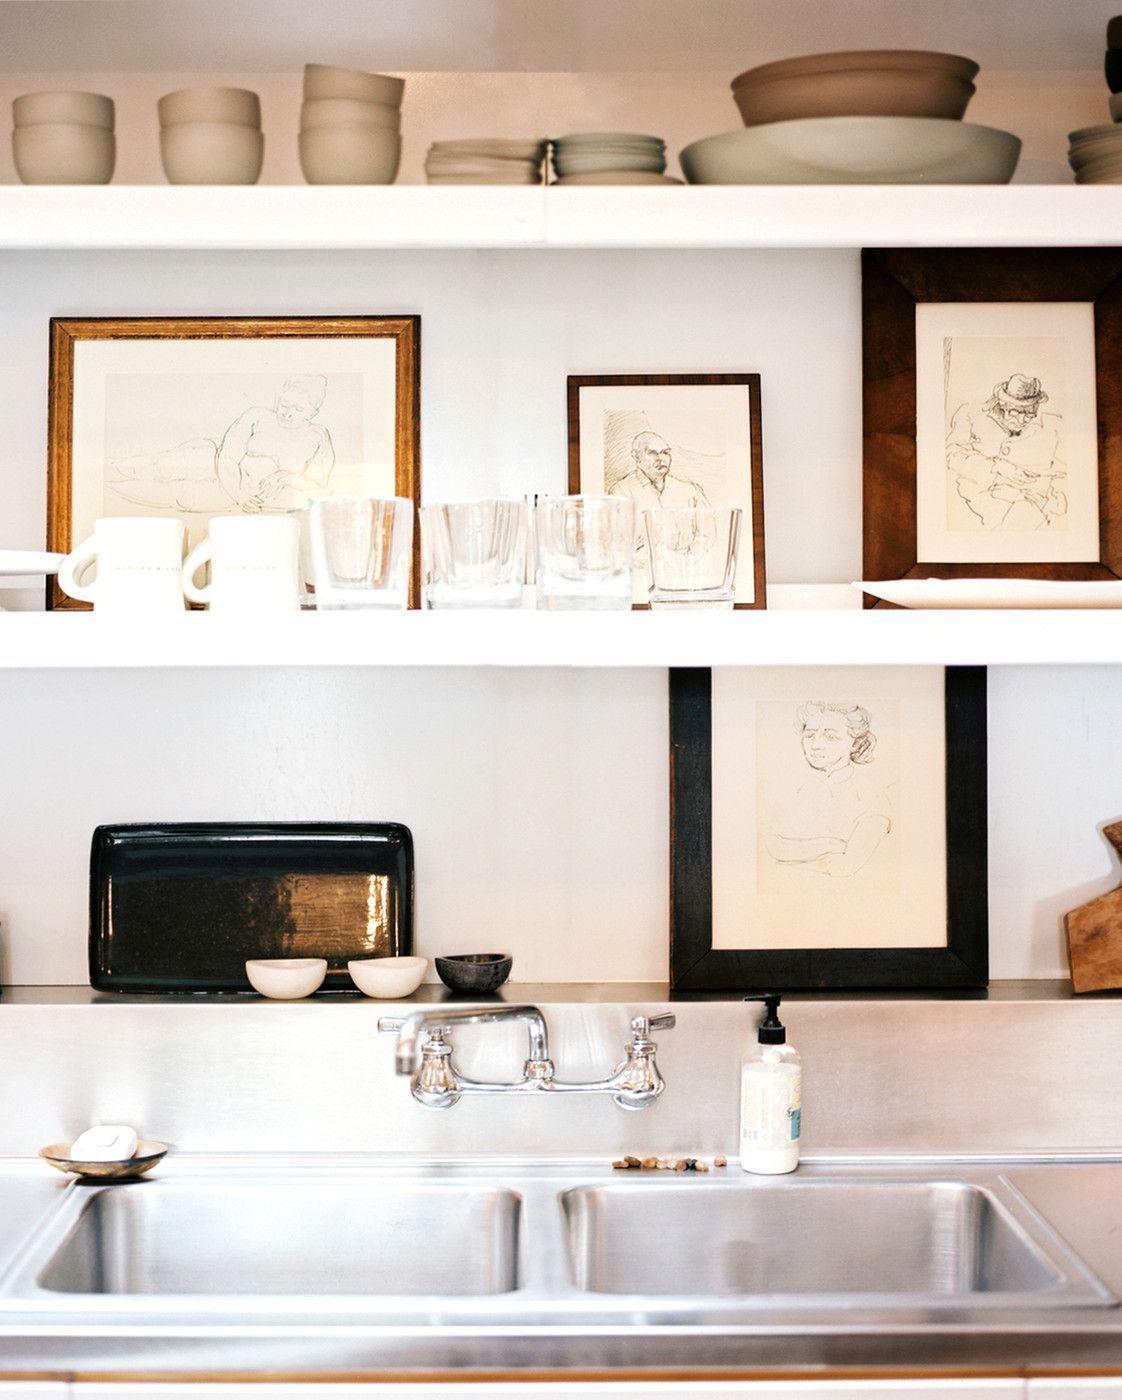 Küche ideen platz raum tipps für stilvolle lagerung dieser offenen küche regale in